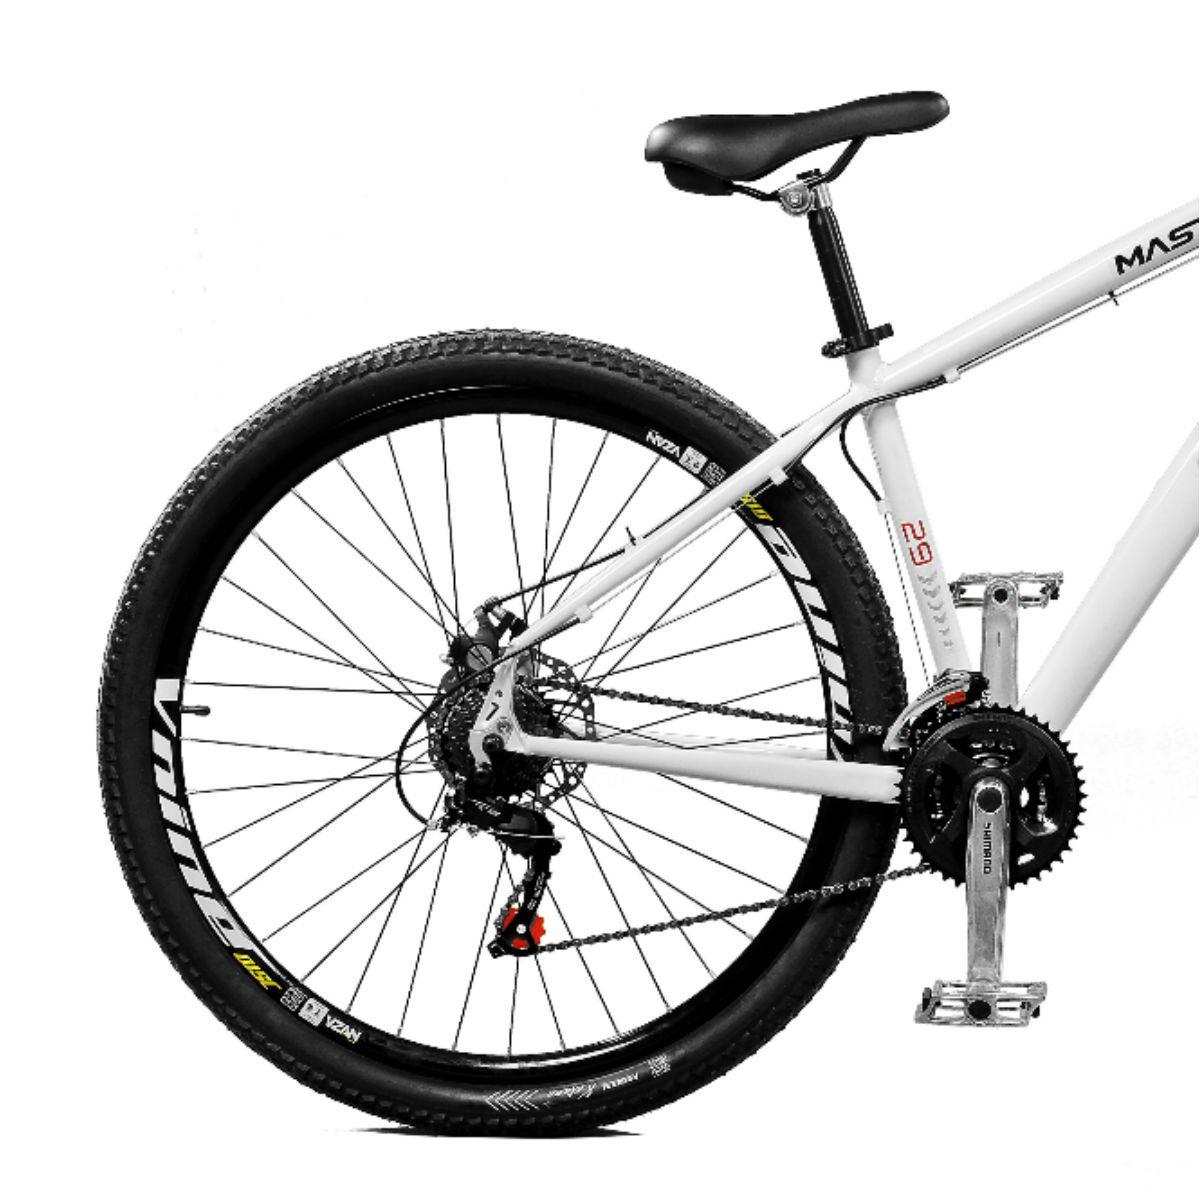 Bicicleta Master Bike Aro 29 Extreme Freio à Disco A-36 Branco